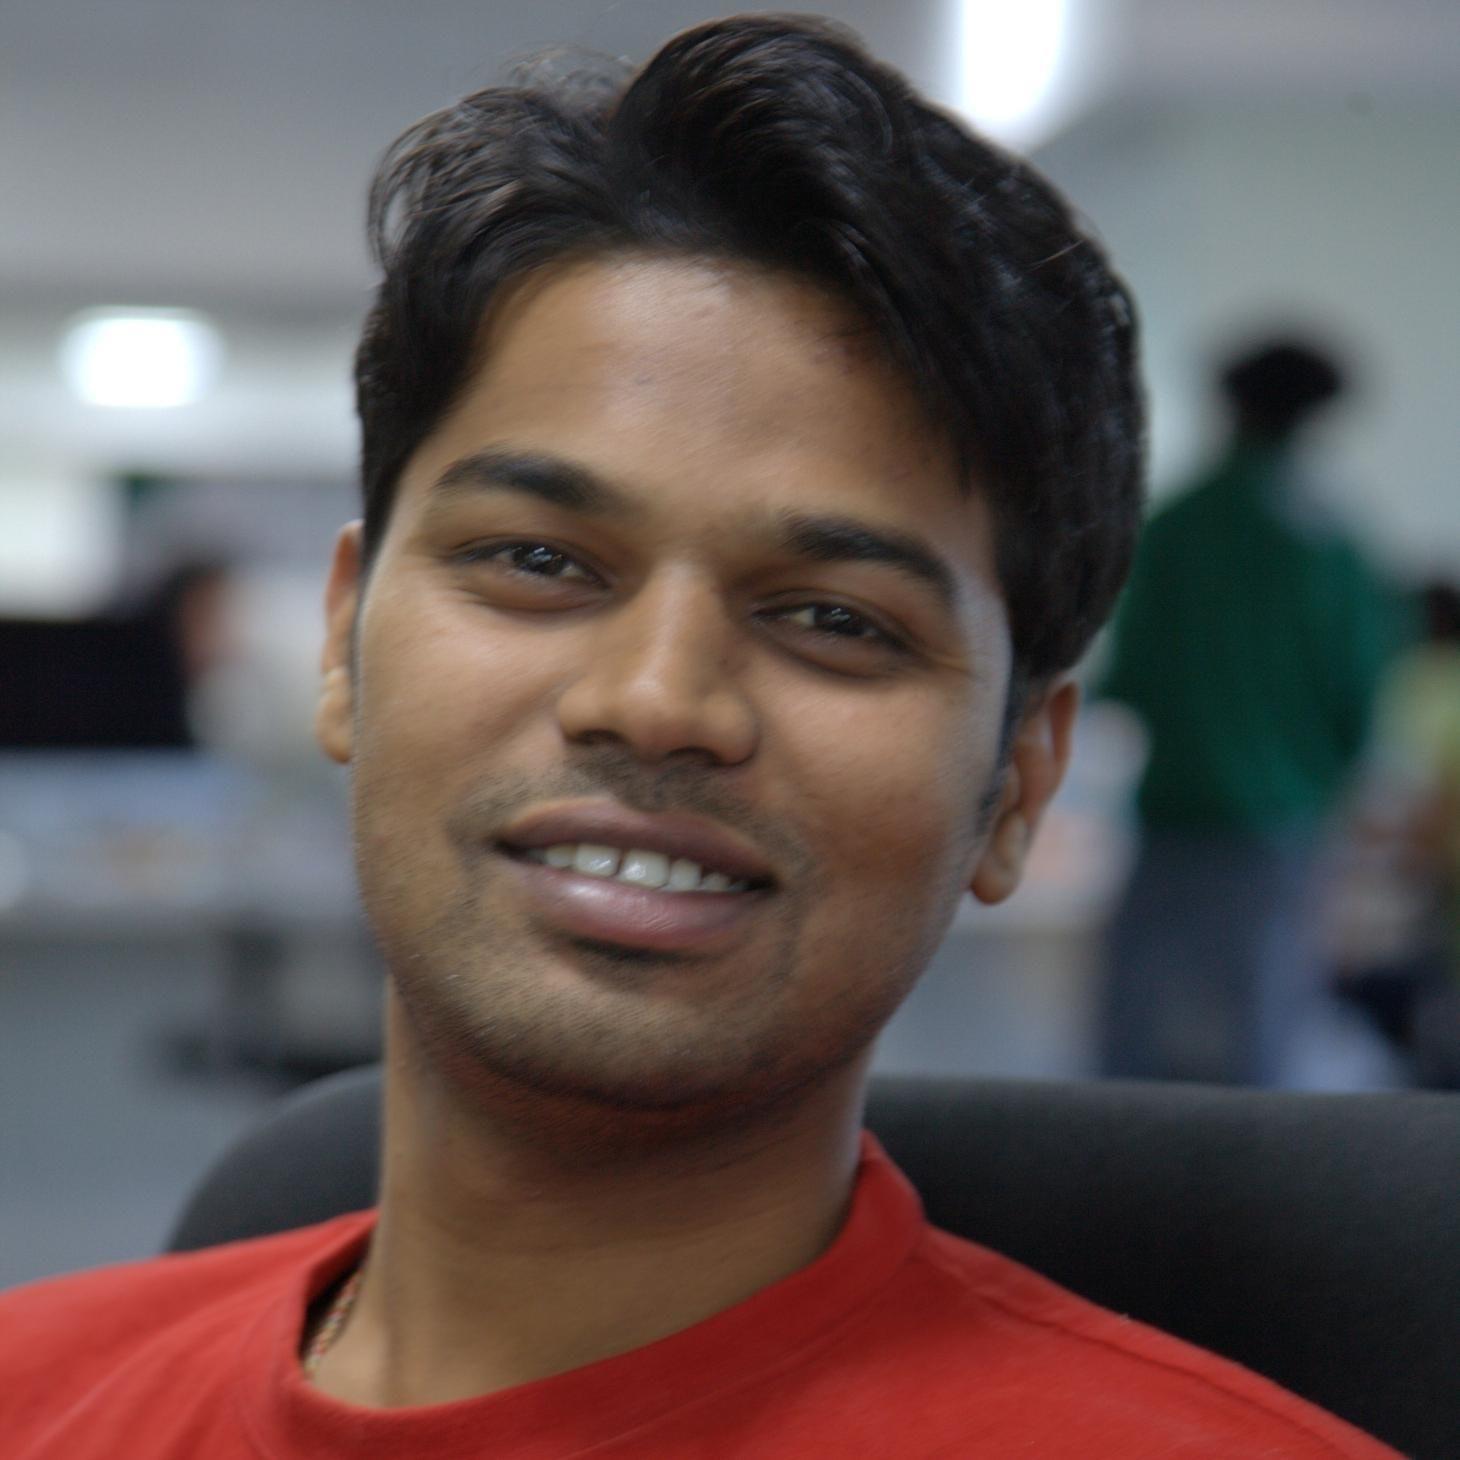 Rahul Mahale